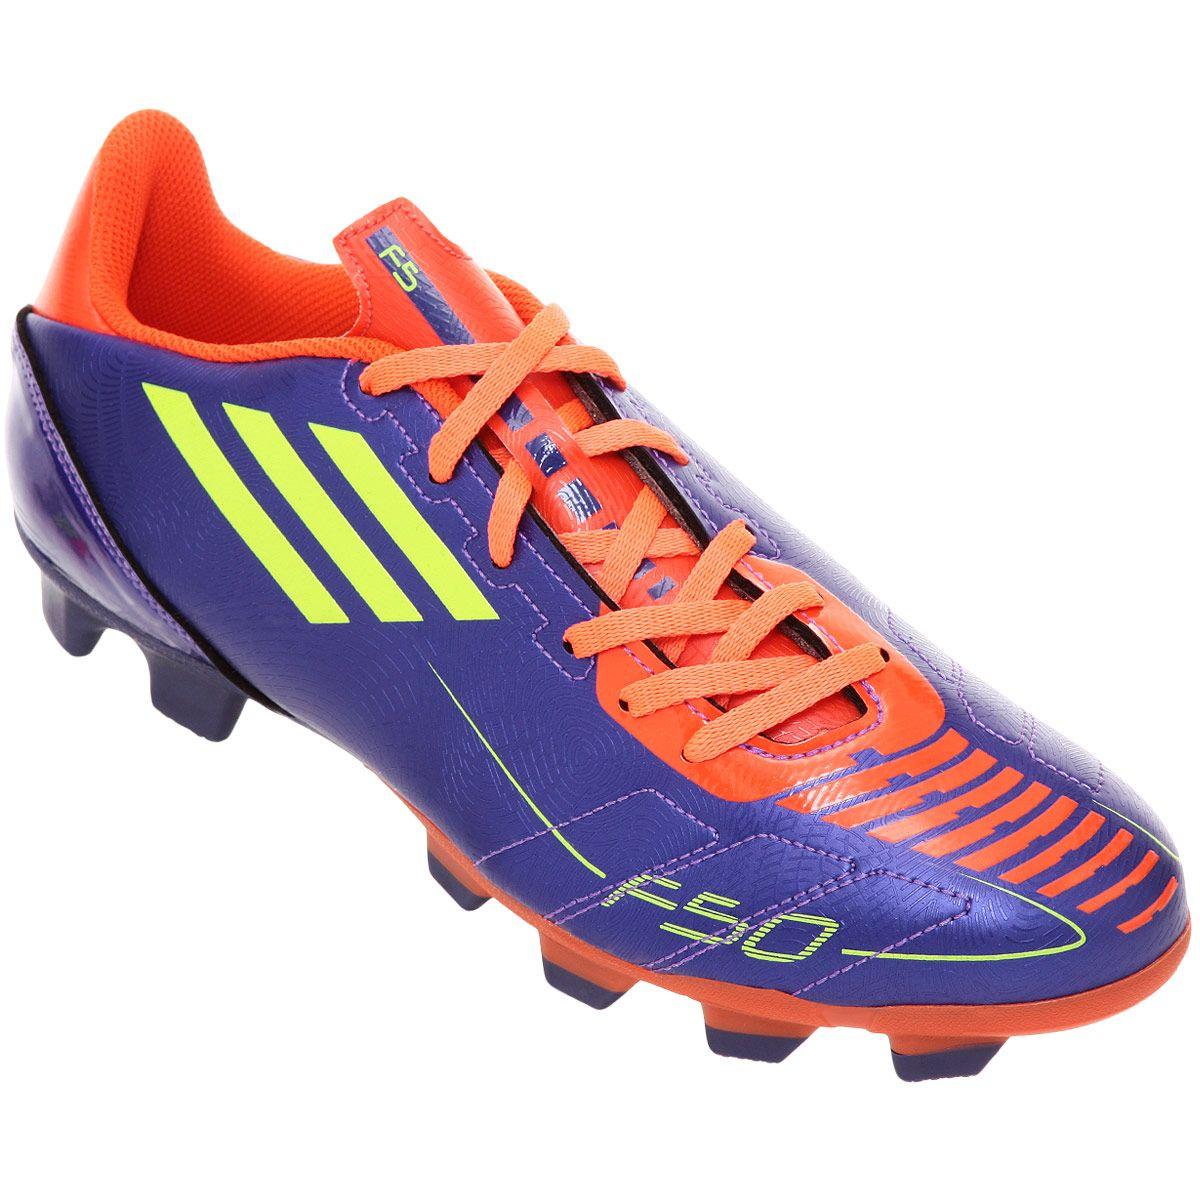 the latest 5d1b2 152d2 Botines Adidas F5 TRX FG - Netshoes